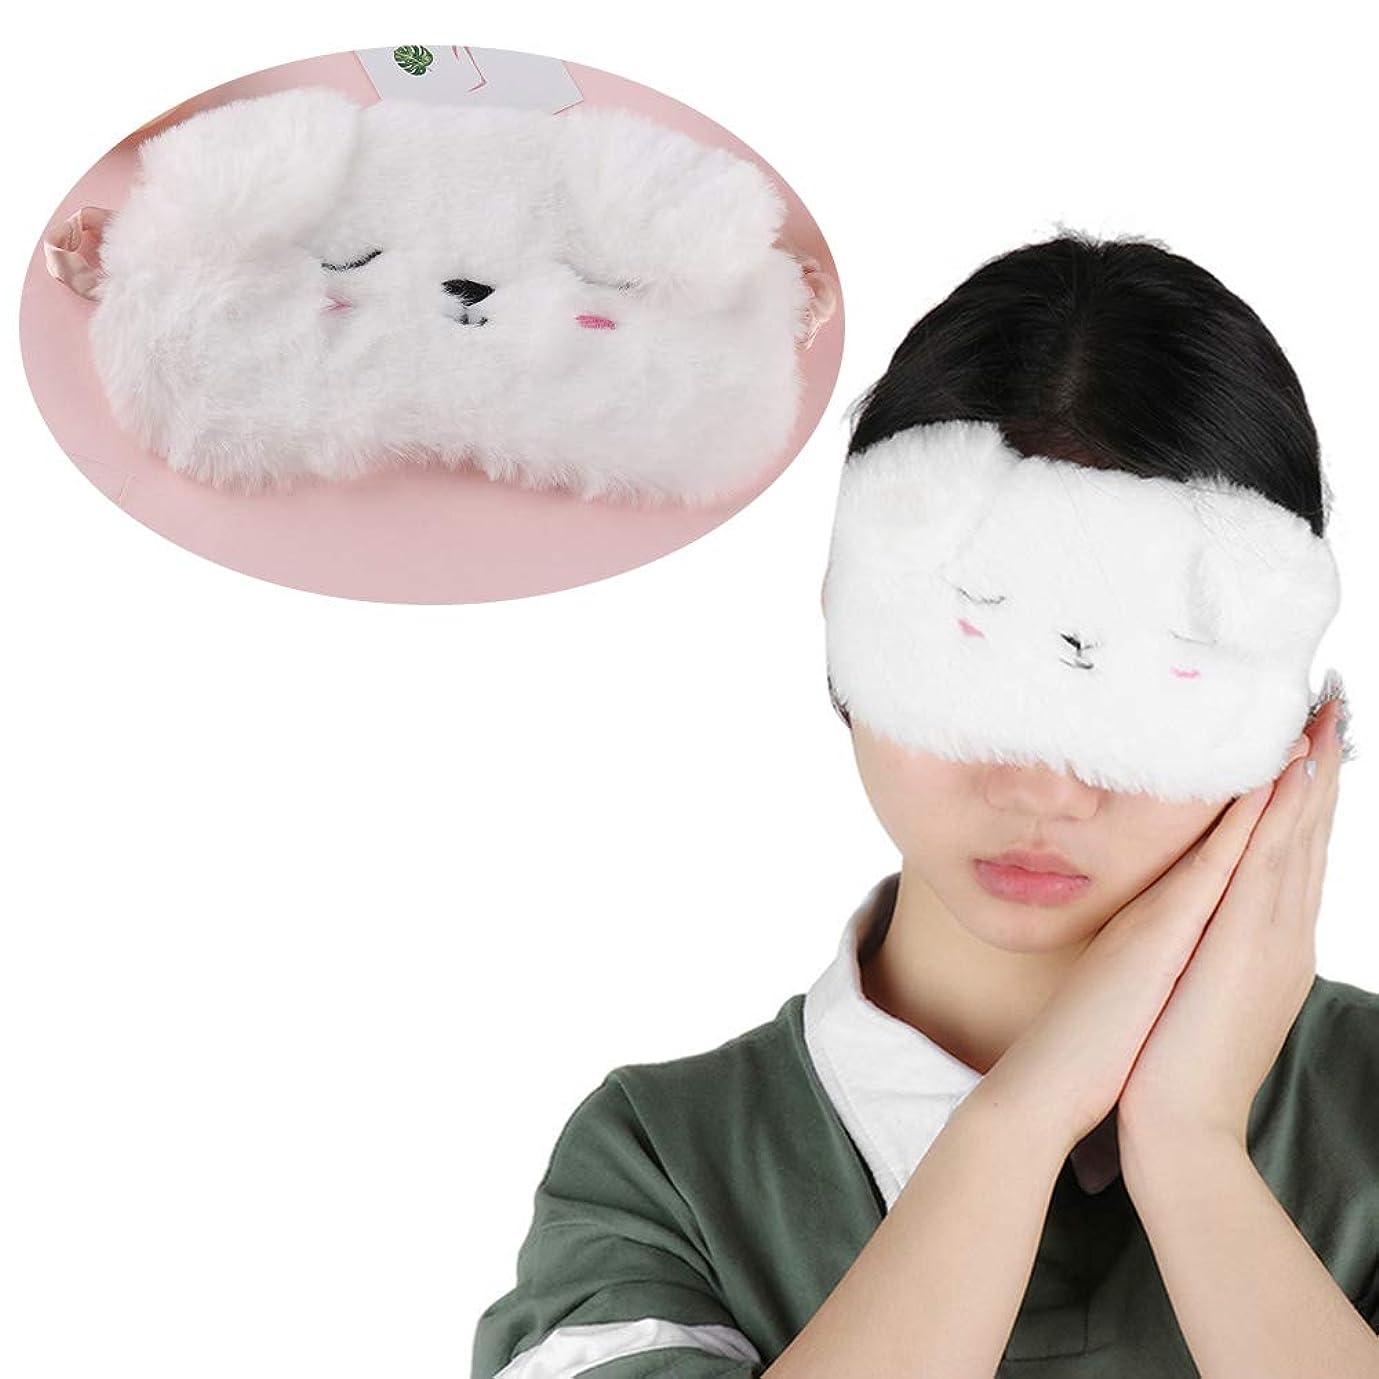 エミュレートする回想膨らみNOTE 漫画黒白猫子猫アイマスクホームトラベルゴーグルシェーディング睡眠仮眠アイマスク睡眠&いびきアイマスク睡眠アイシェード